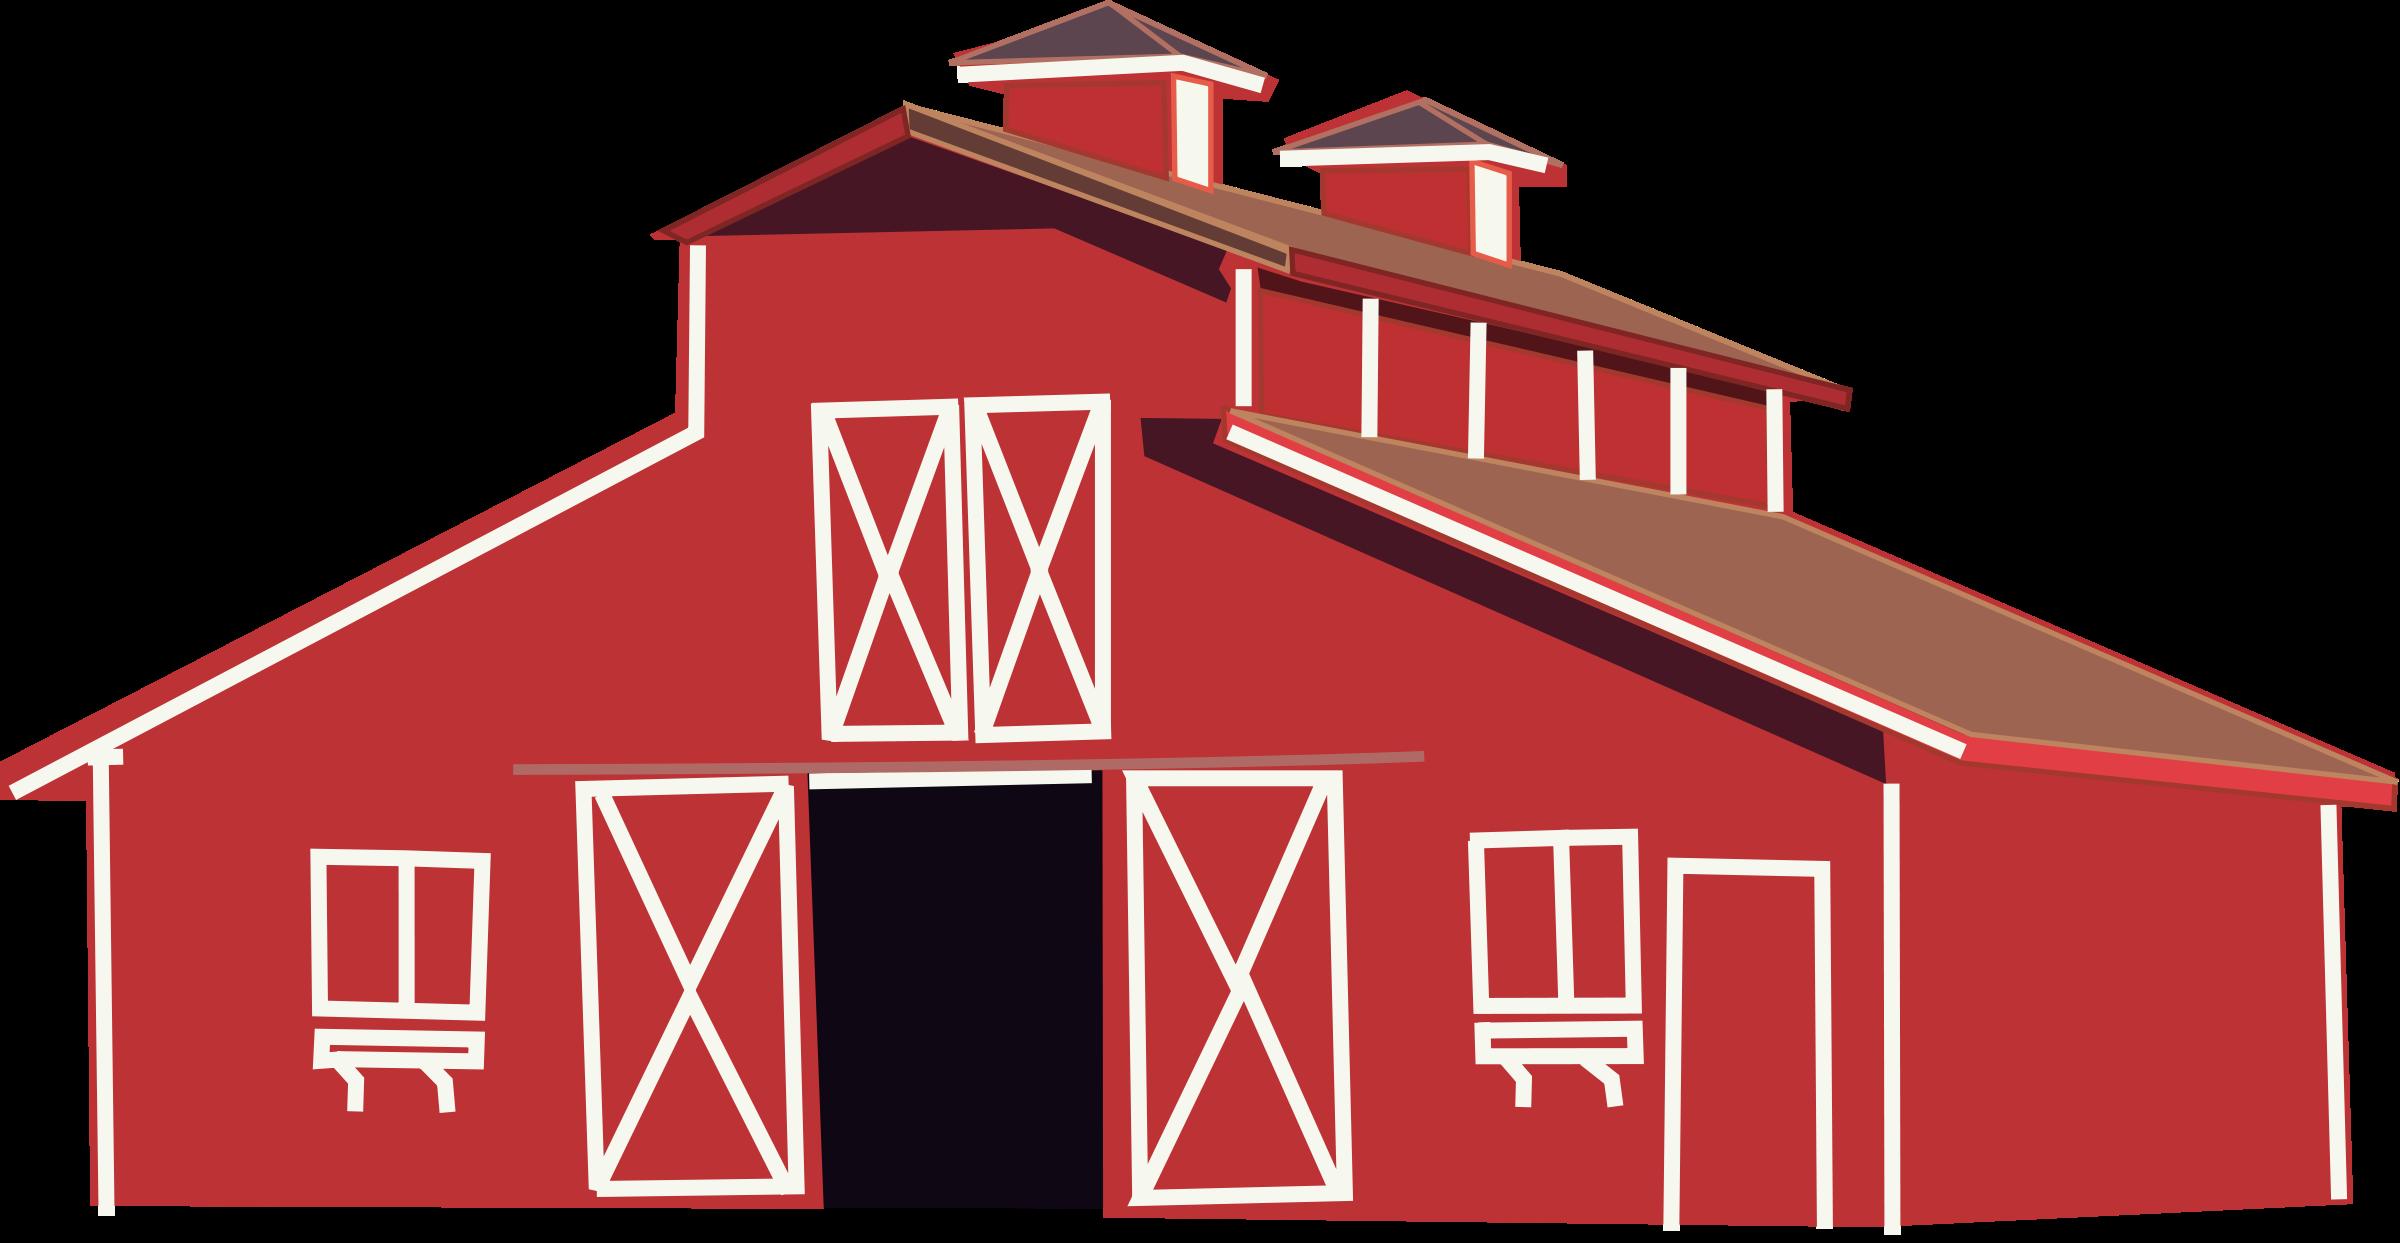 Barn clipart red barn. Clip art for modern